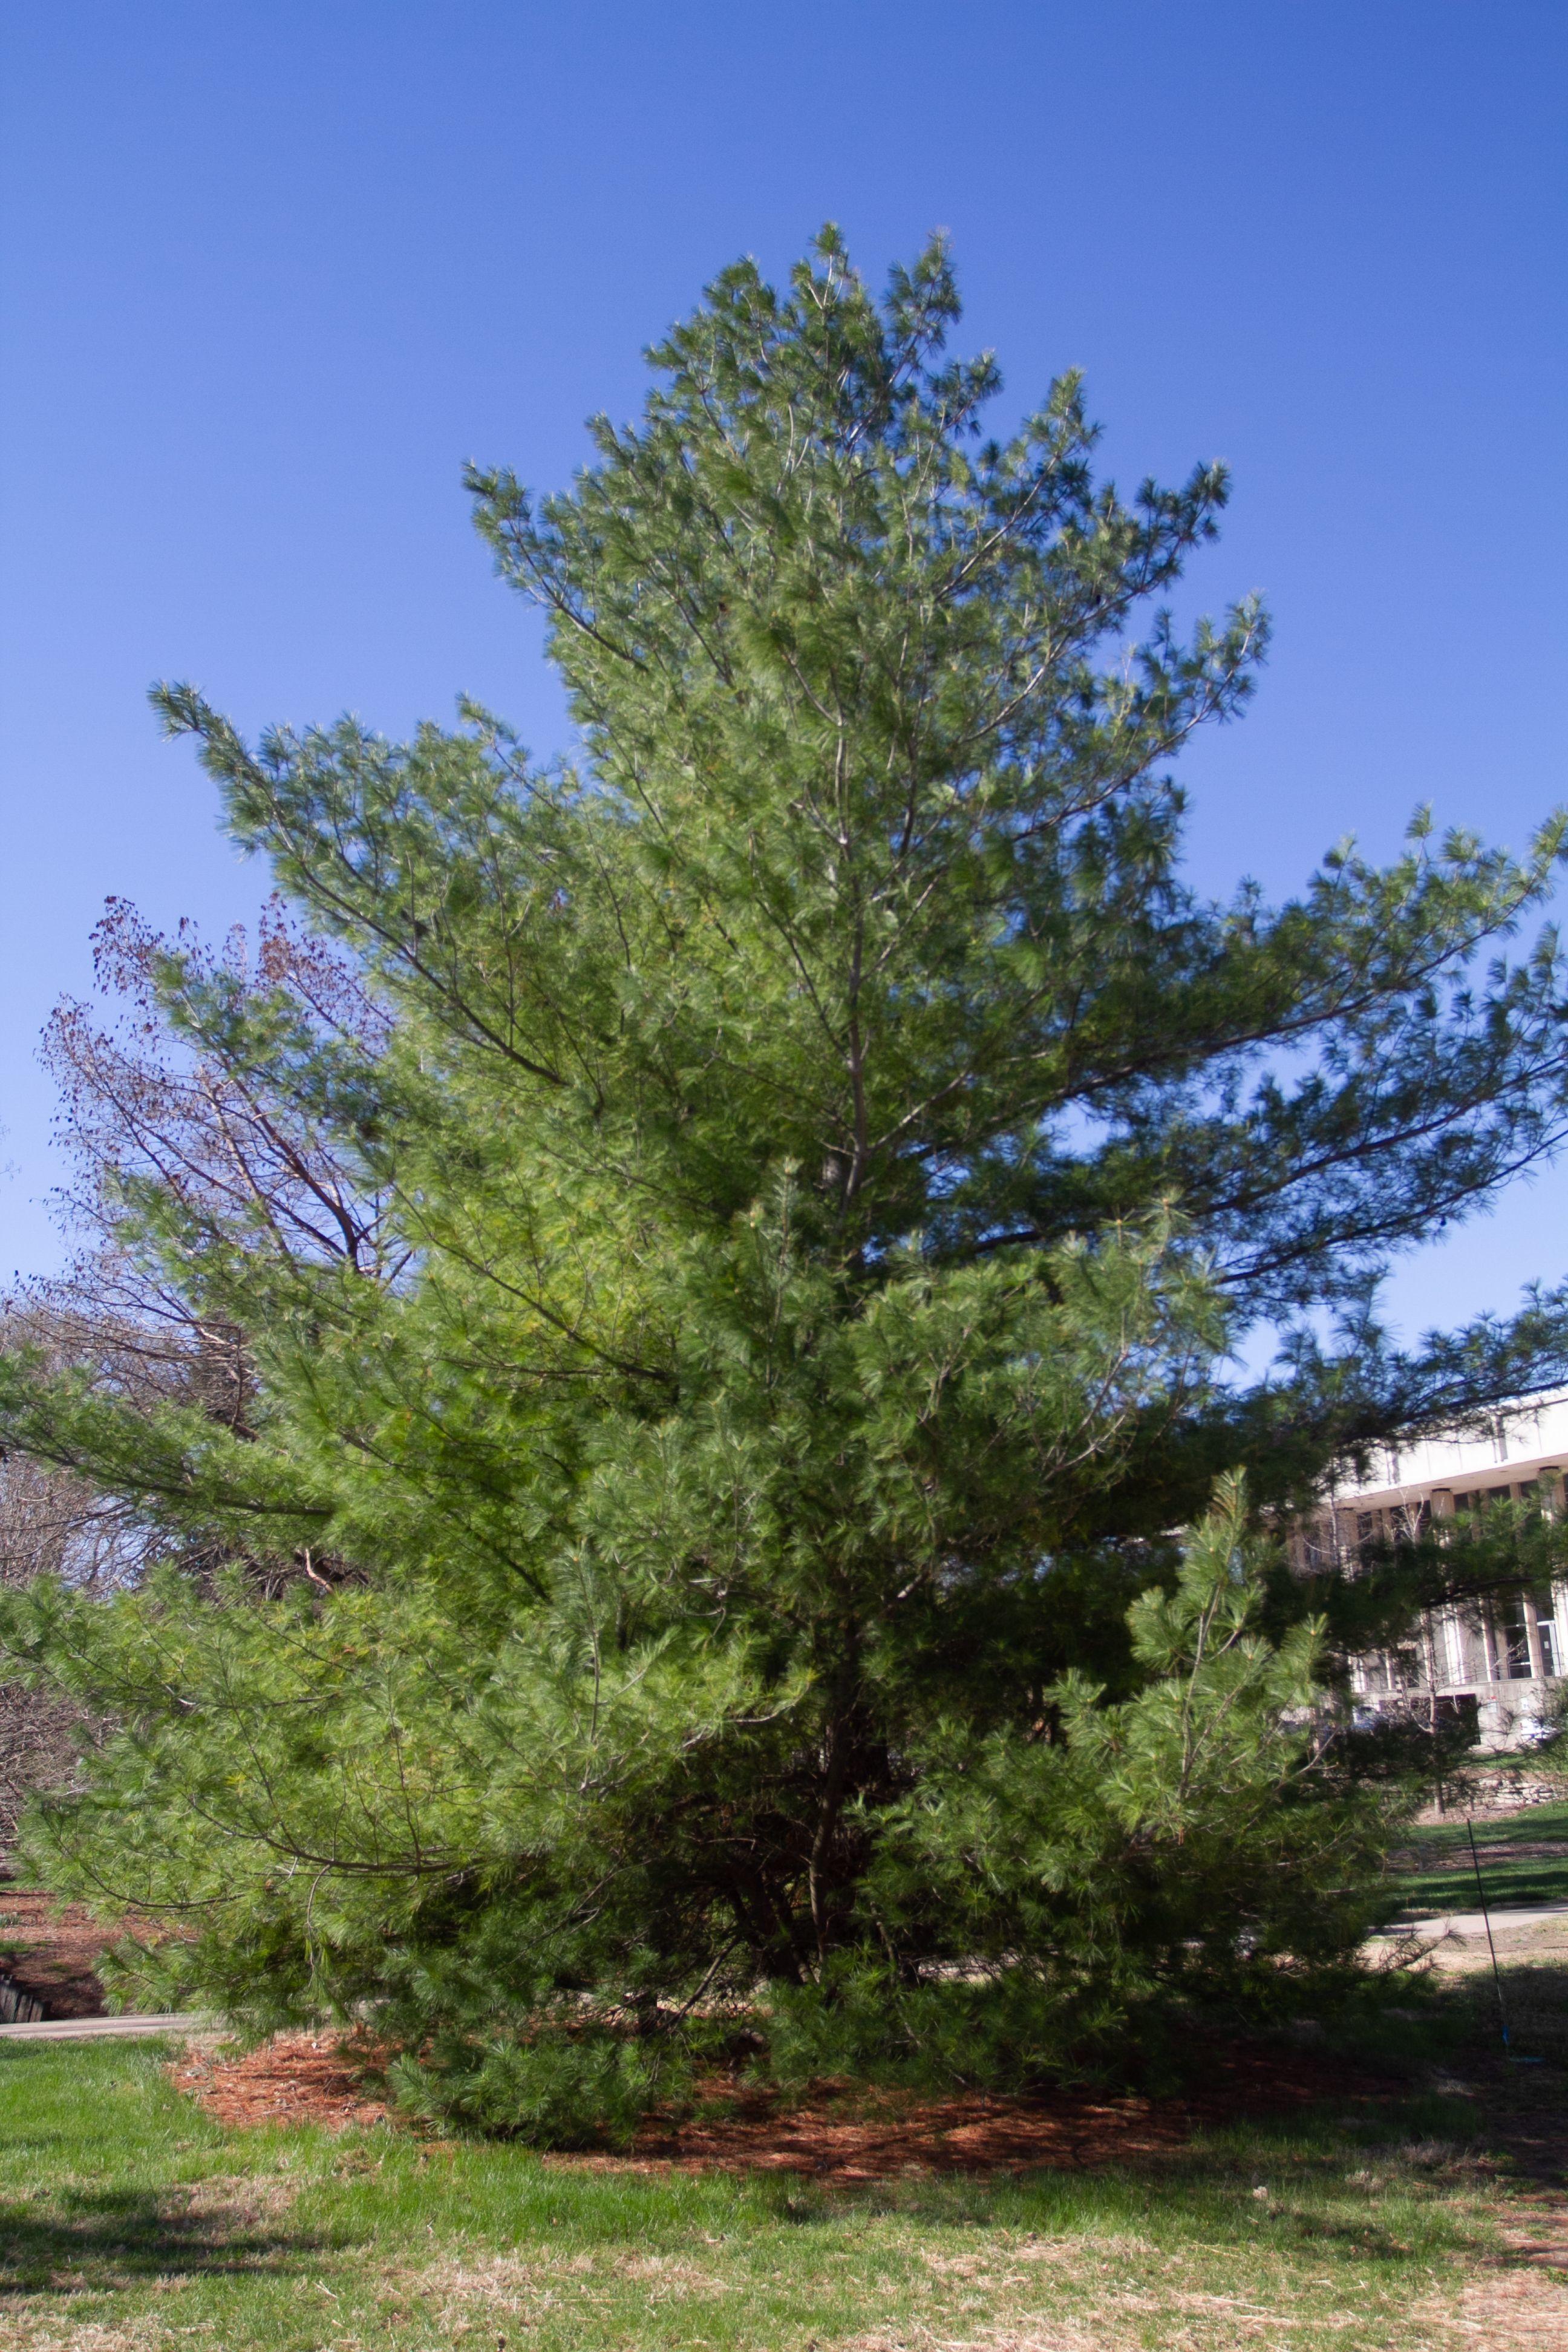 Eastern White Pine, Pinus strobus